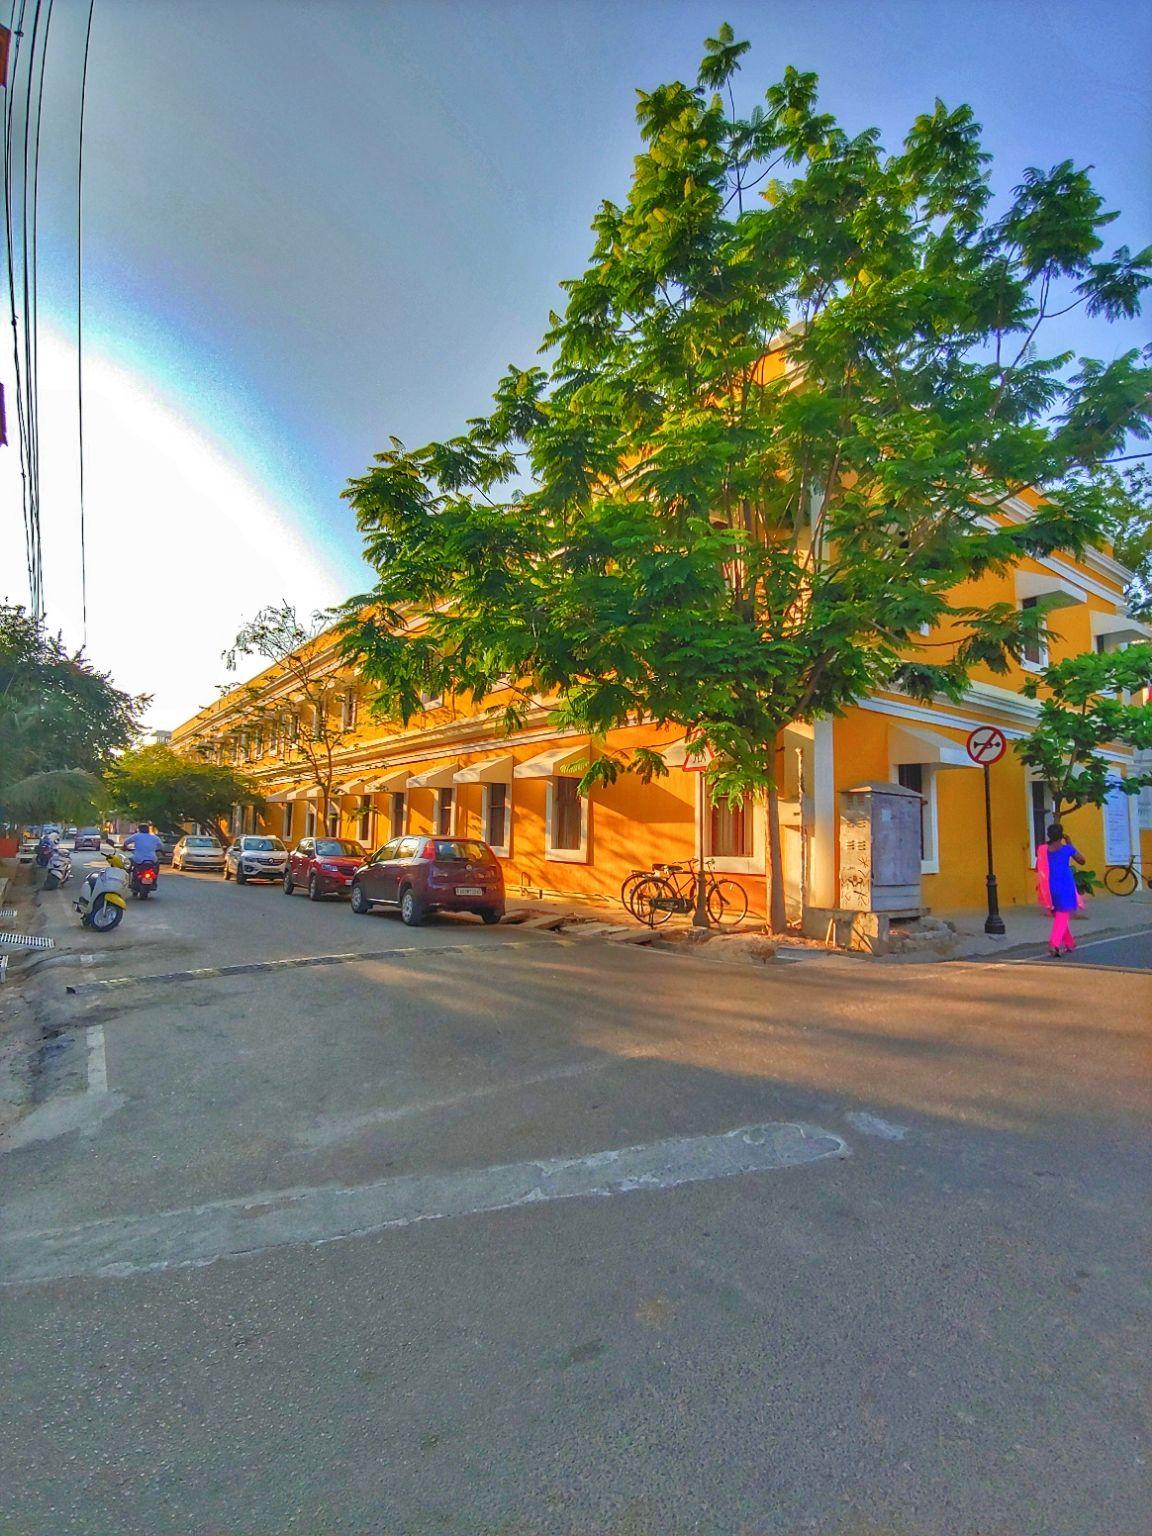 Photo of Pondicherry By SOURAV KUMAR